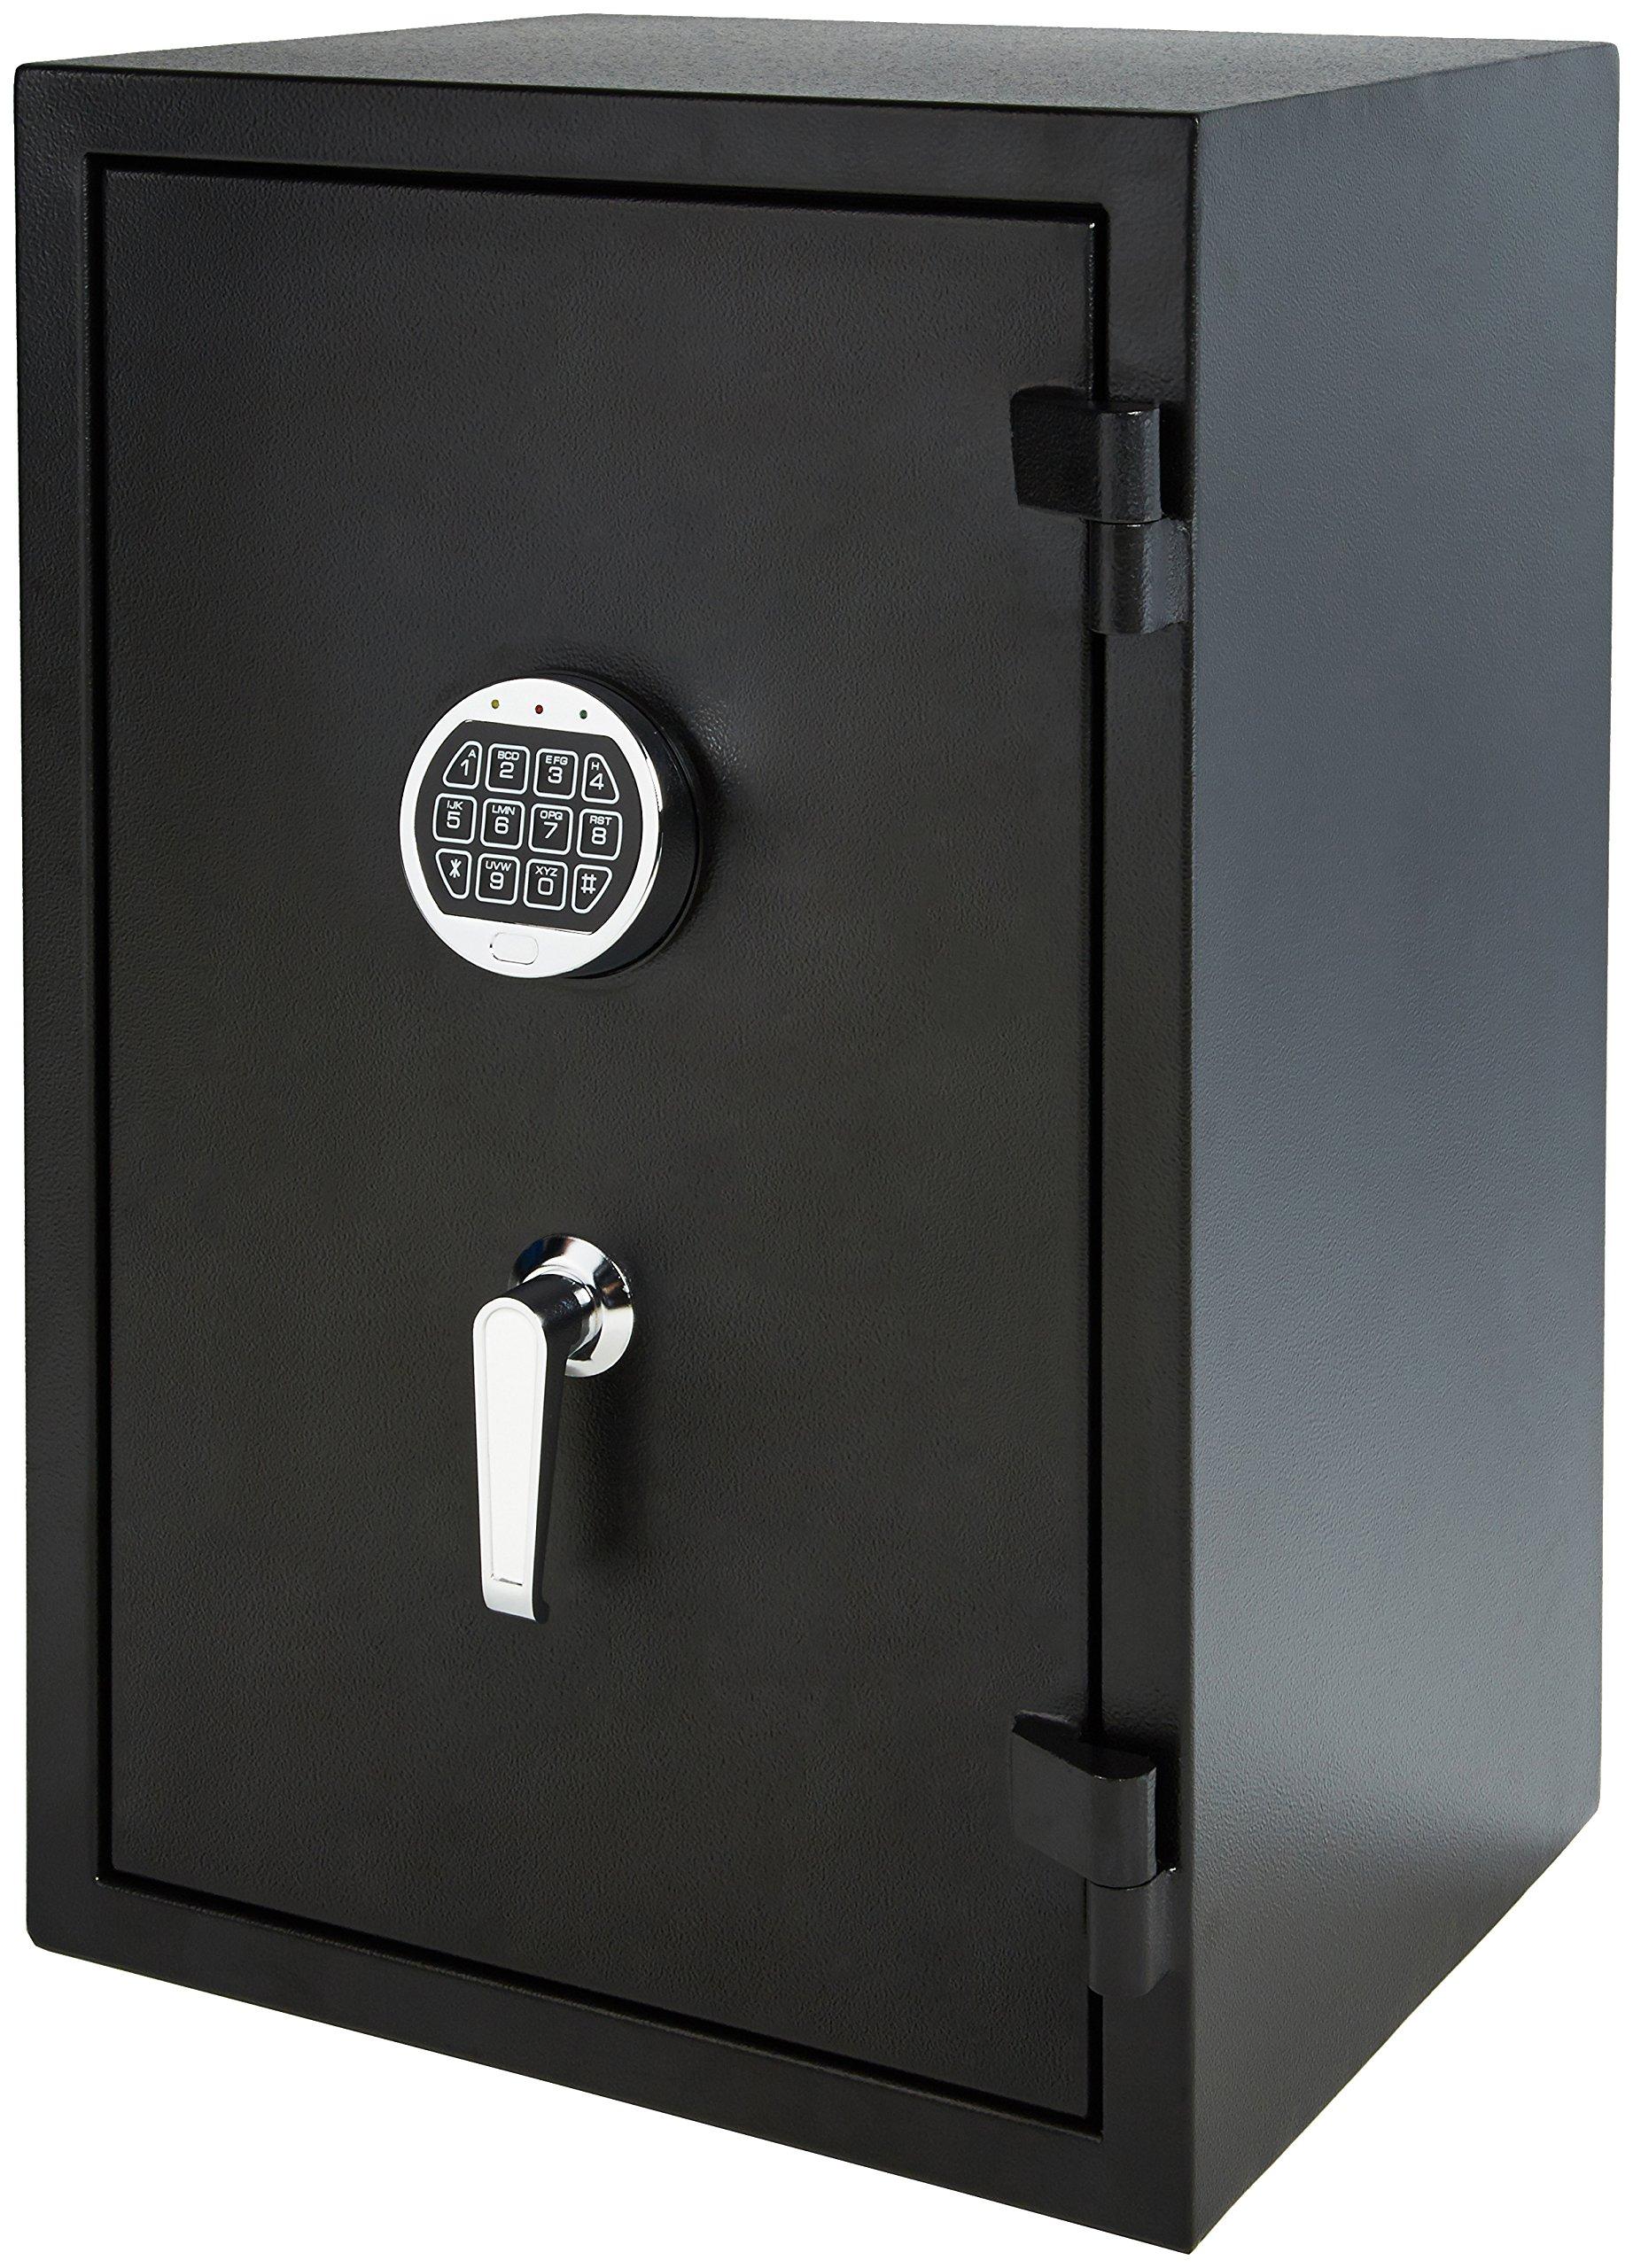 AmazonBasics Fire Resistant Box Safe, 2.1 Cubic Feet by AmazonBasics